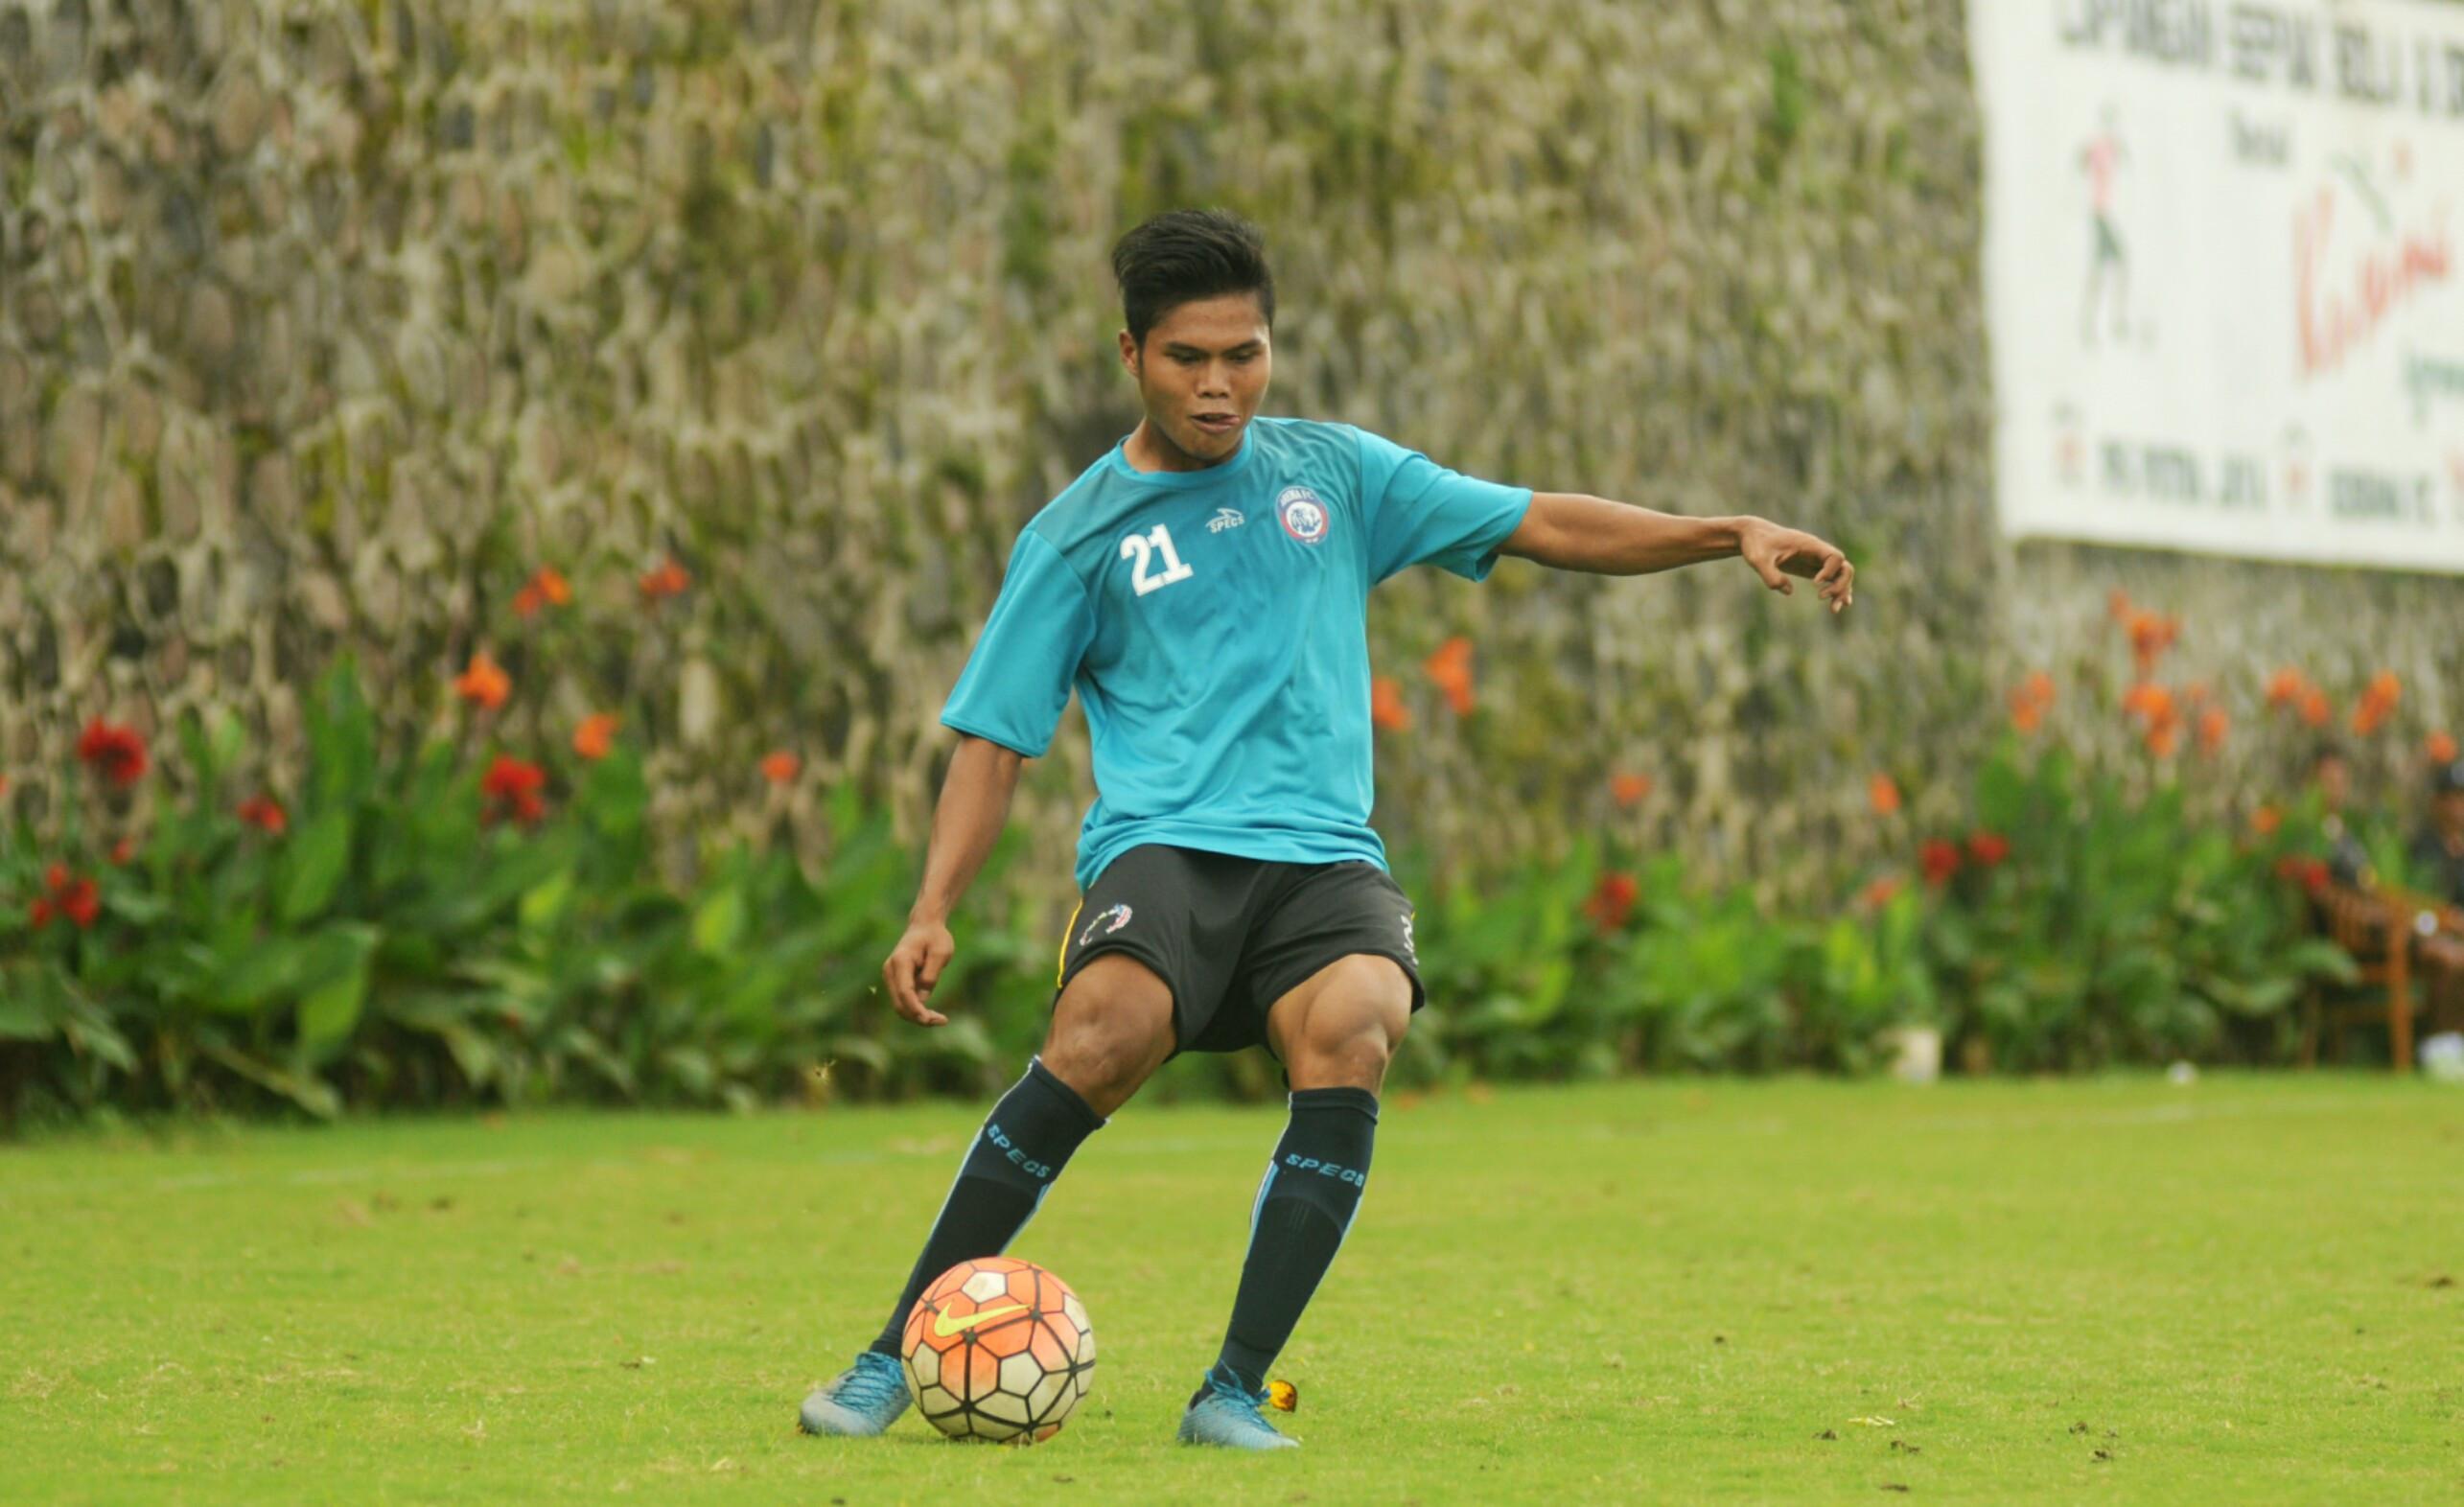 Kehadiran Andrianto di lini depan Arema FC membuat pelatih Aji Santoso memiliki banyak pilihan untuk Liga 1 2017. (Bola.com/Iwan Setiawan)